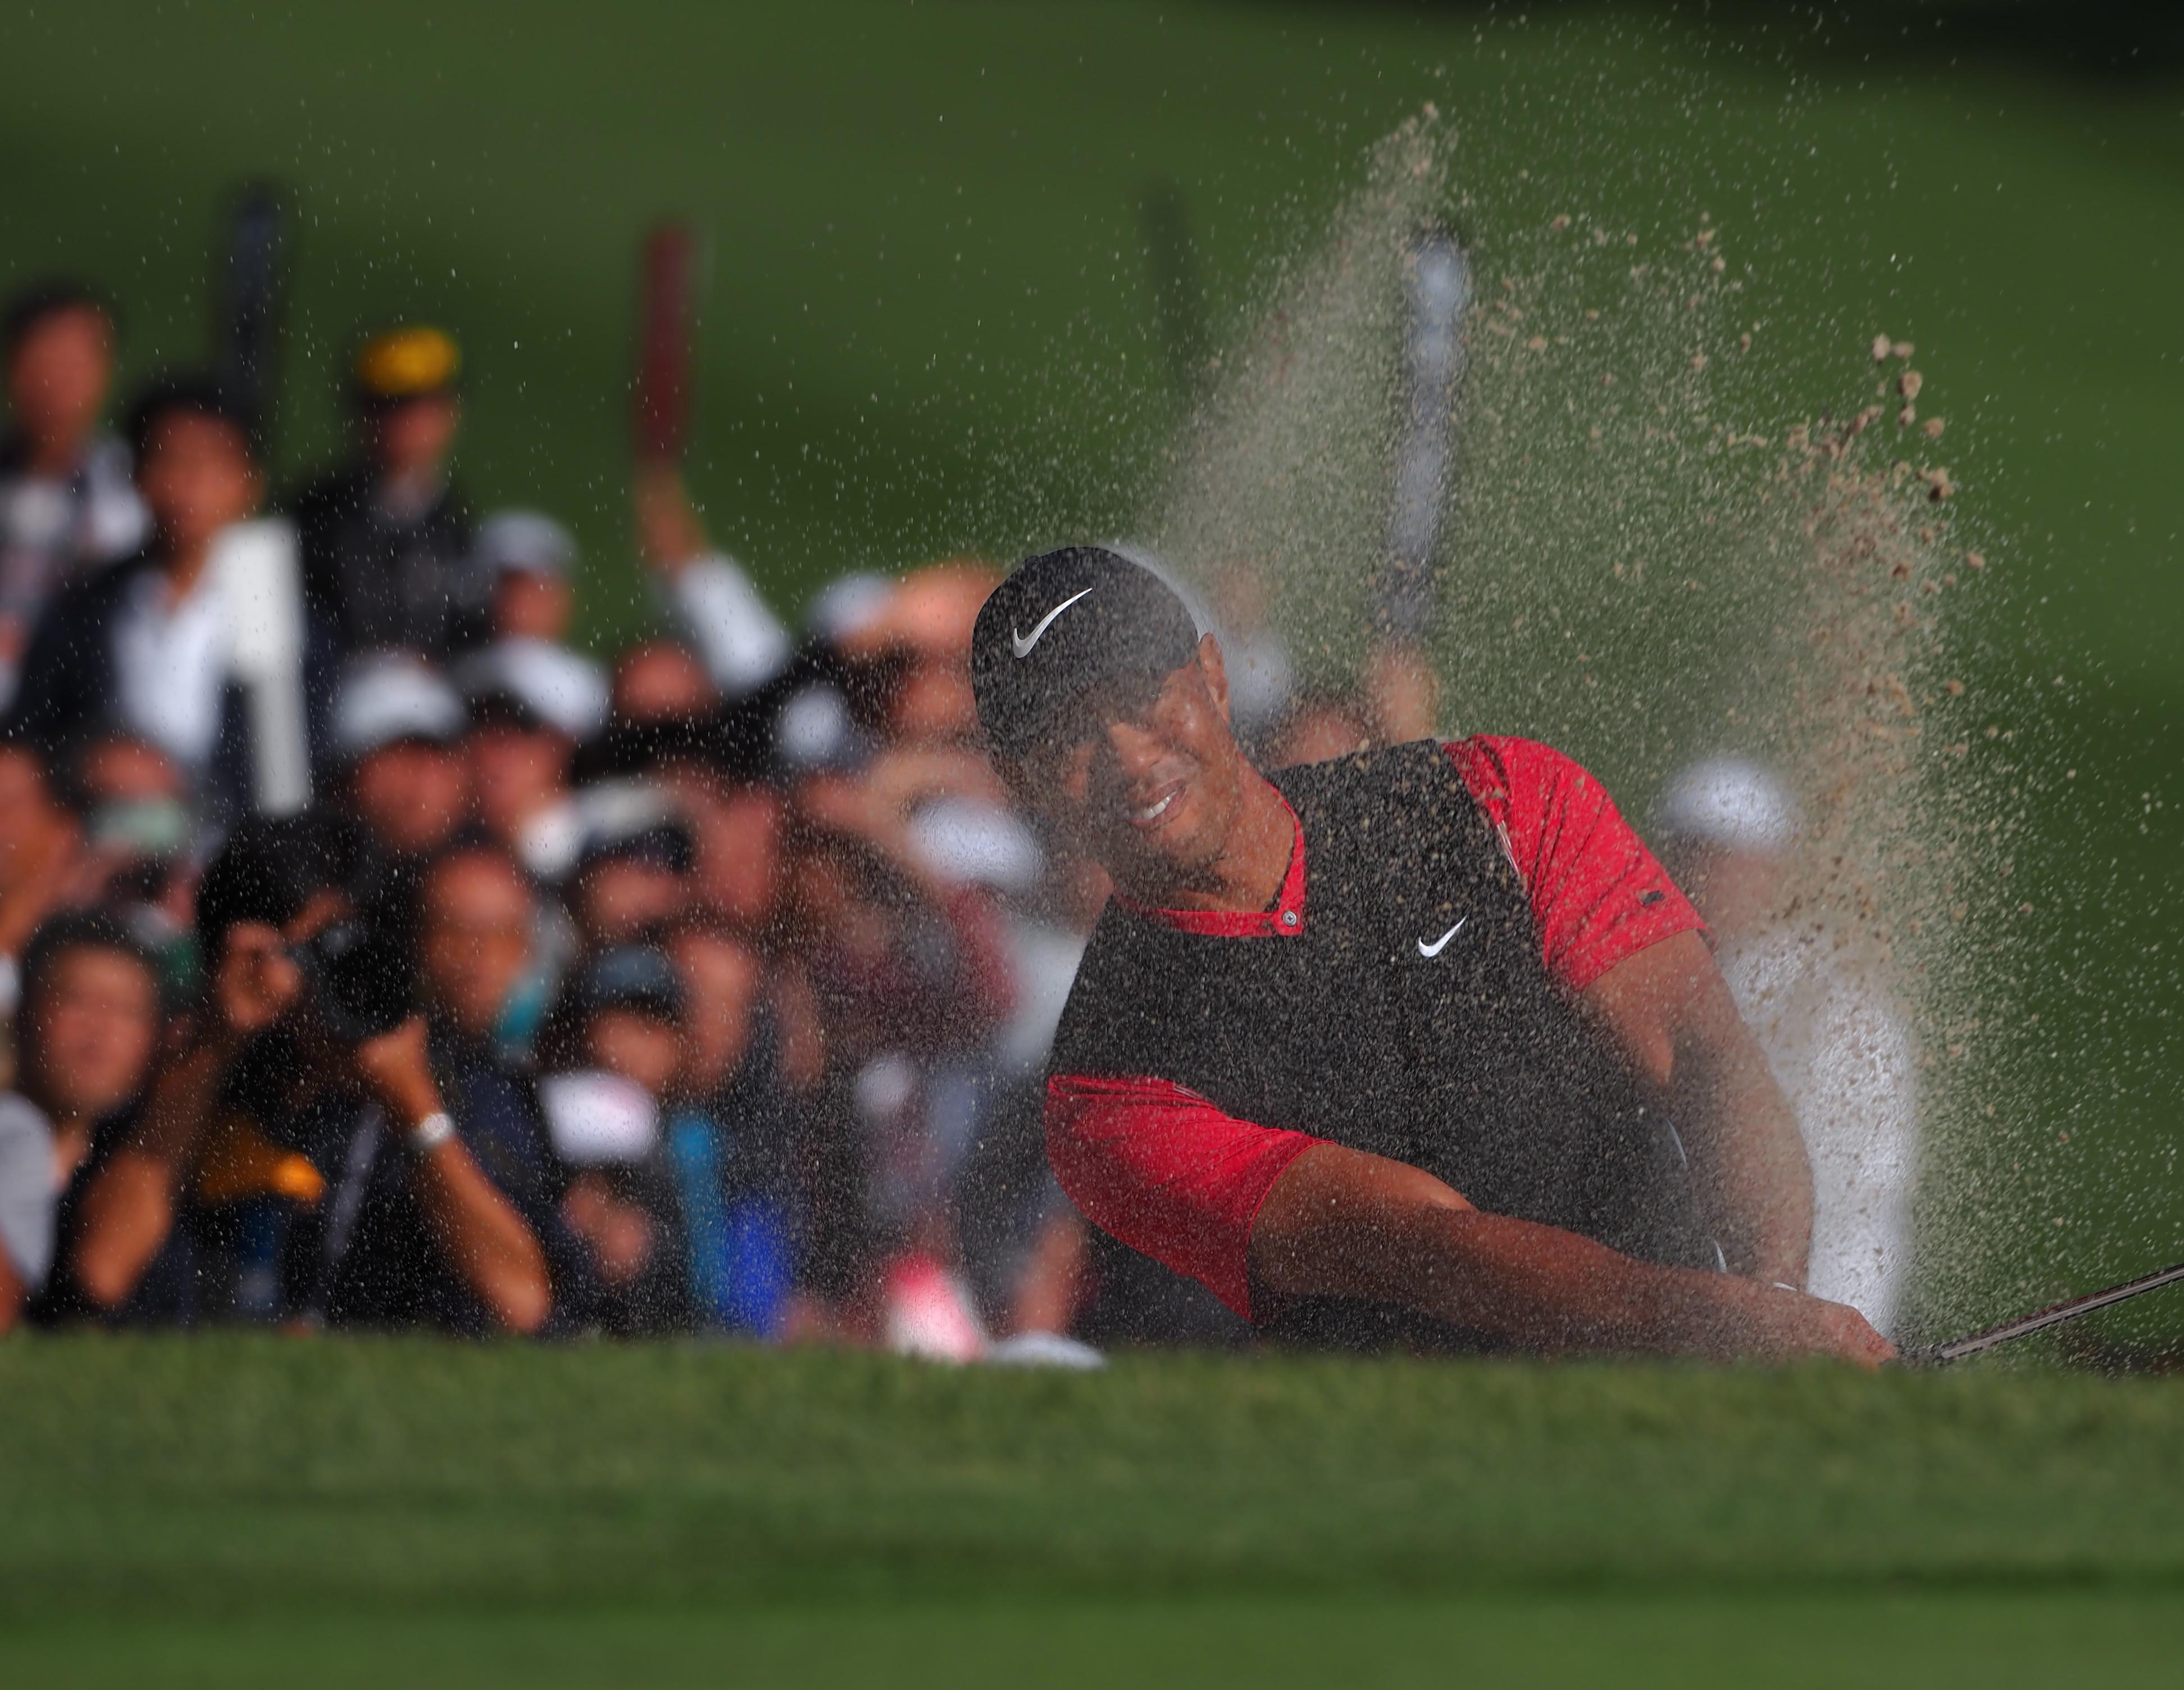 El golfista estadounidense en acción.